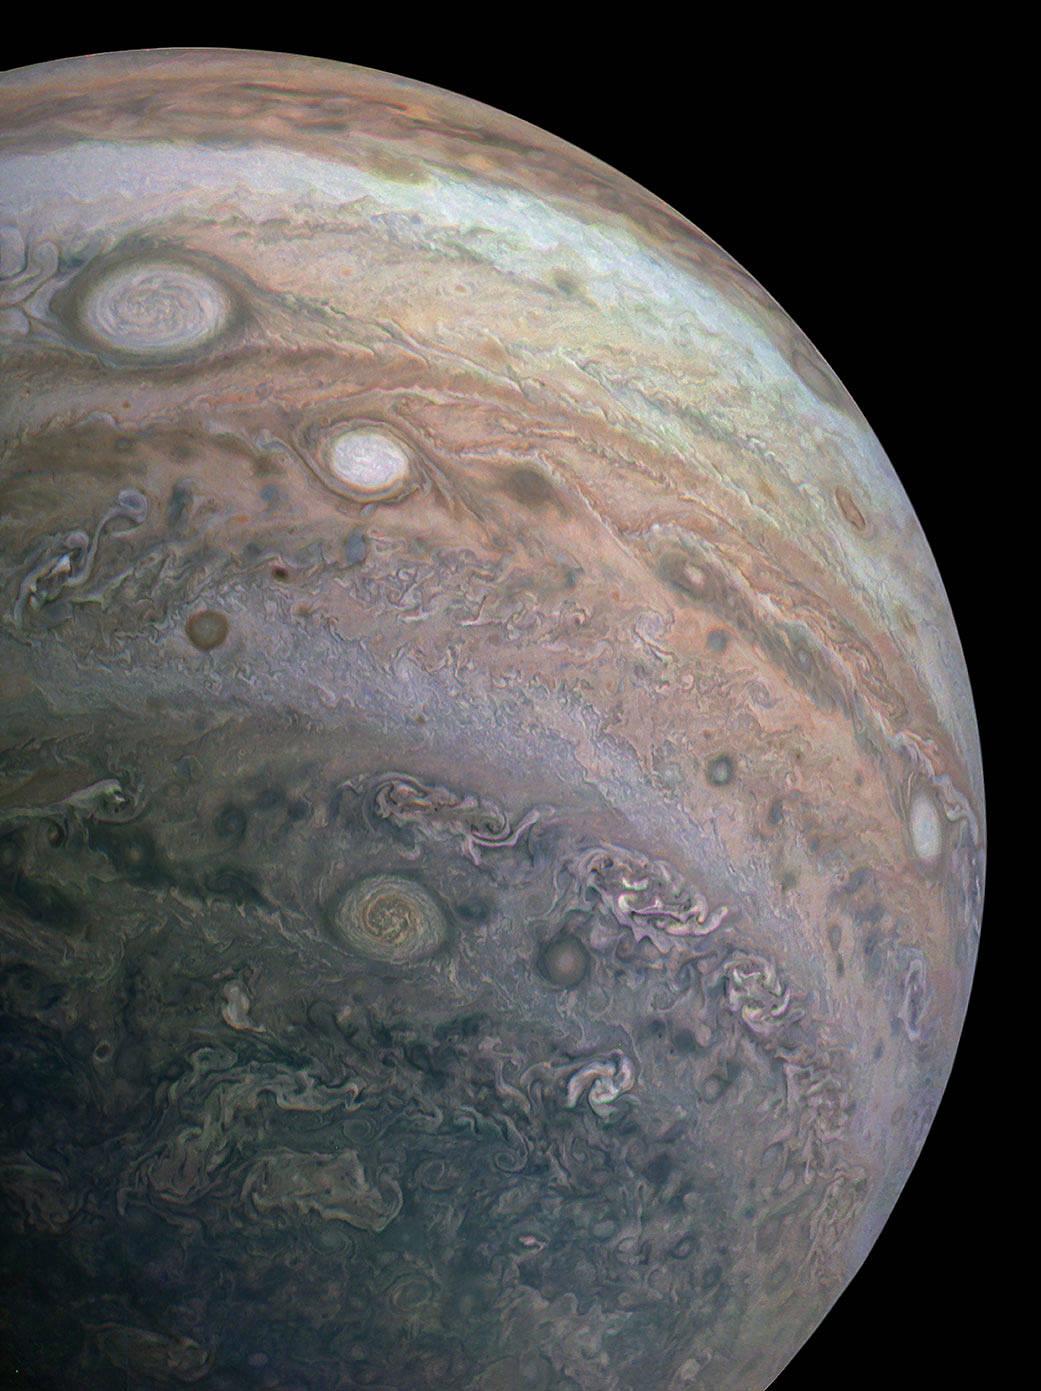 разогрейте джем как найти юпитер сегодня ночью смотреть фото выполнено виде